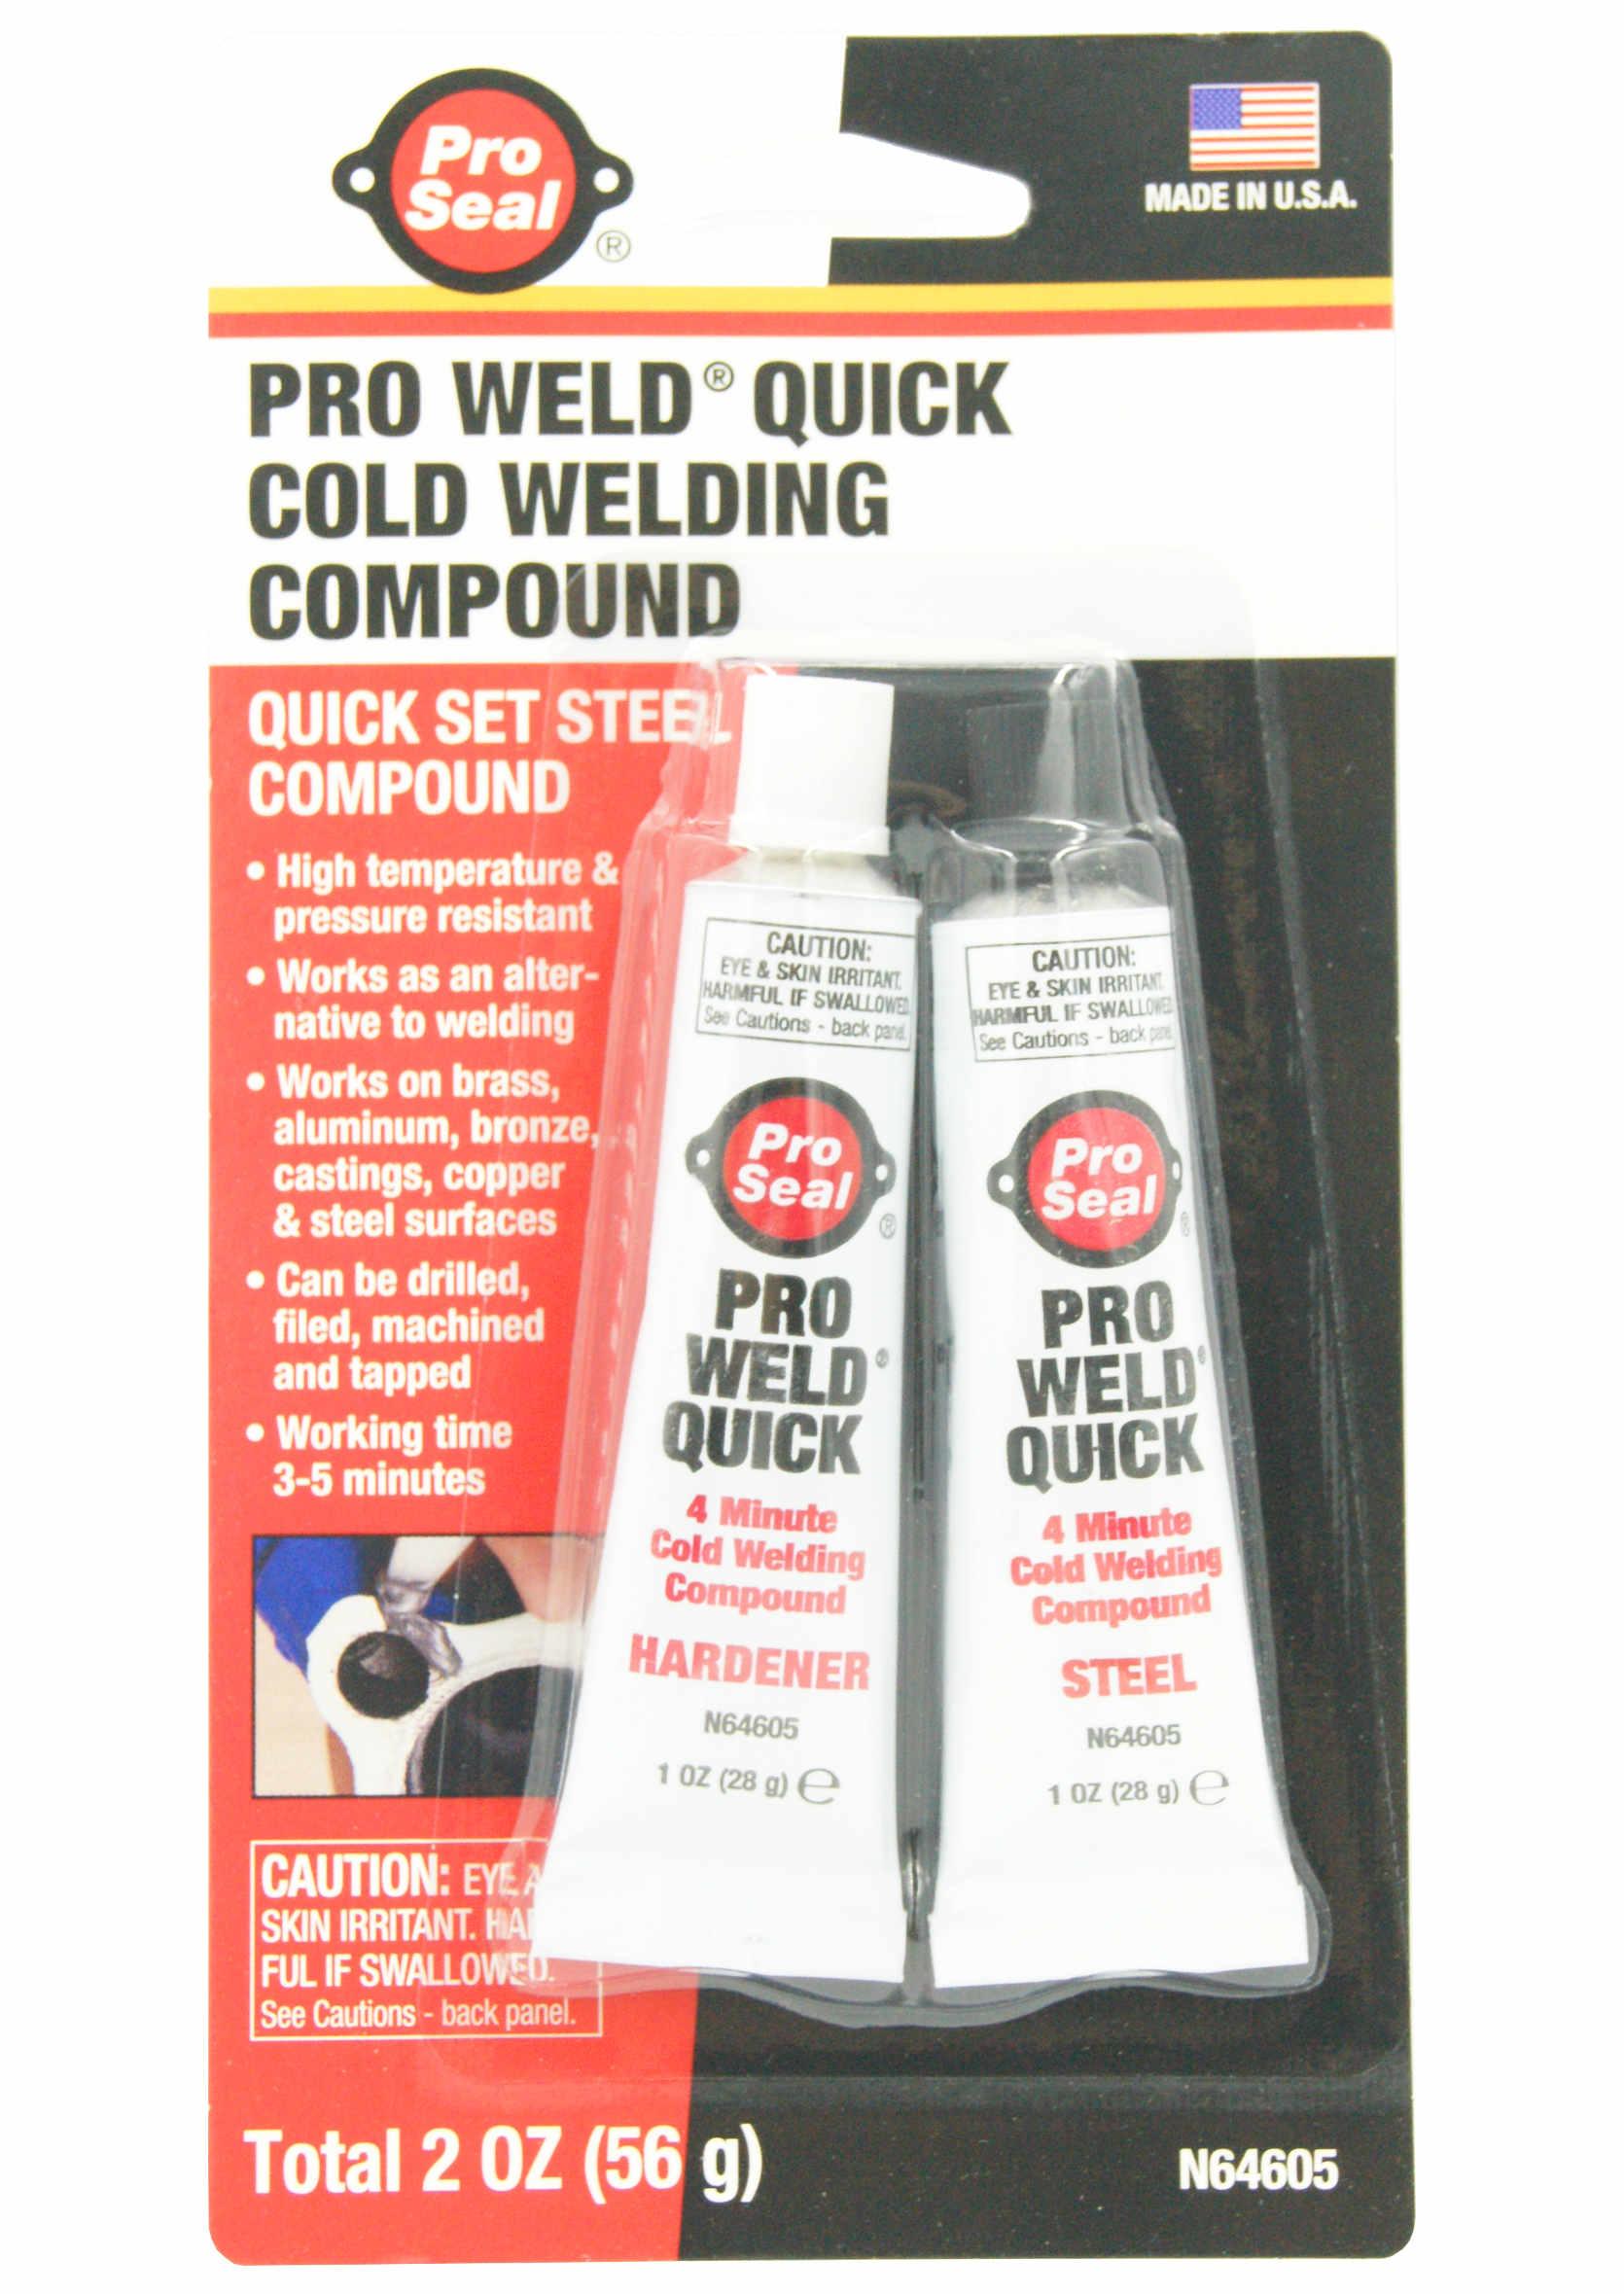 Pro Seal Klej do spawania na zimno 2x28g Pro Weld Quick